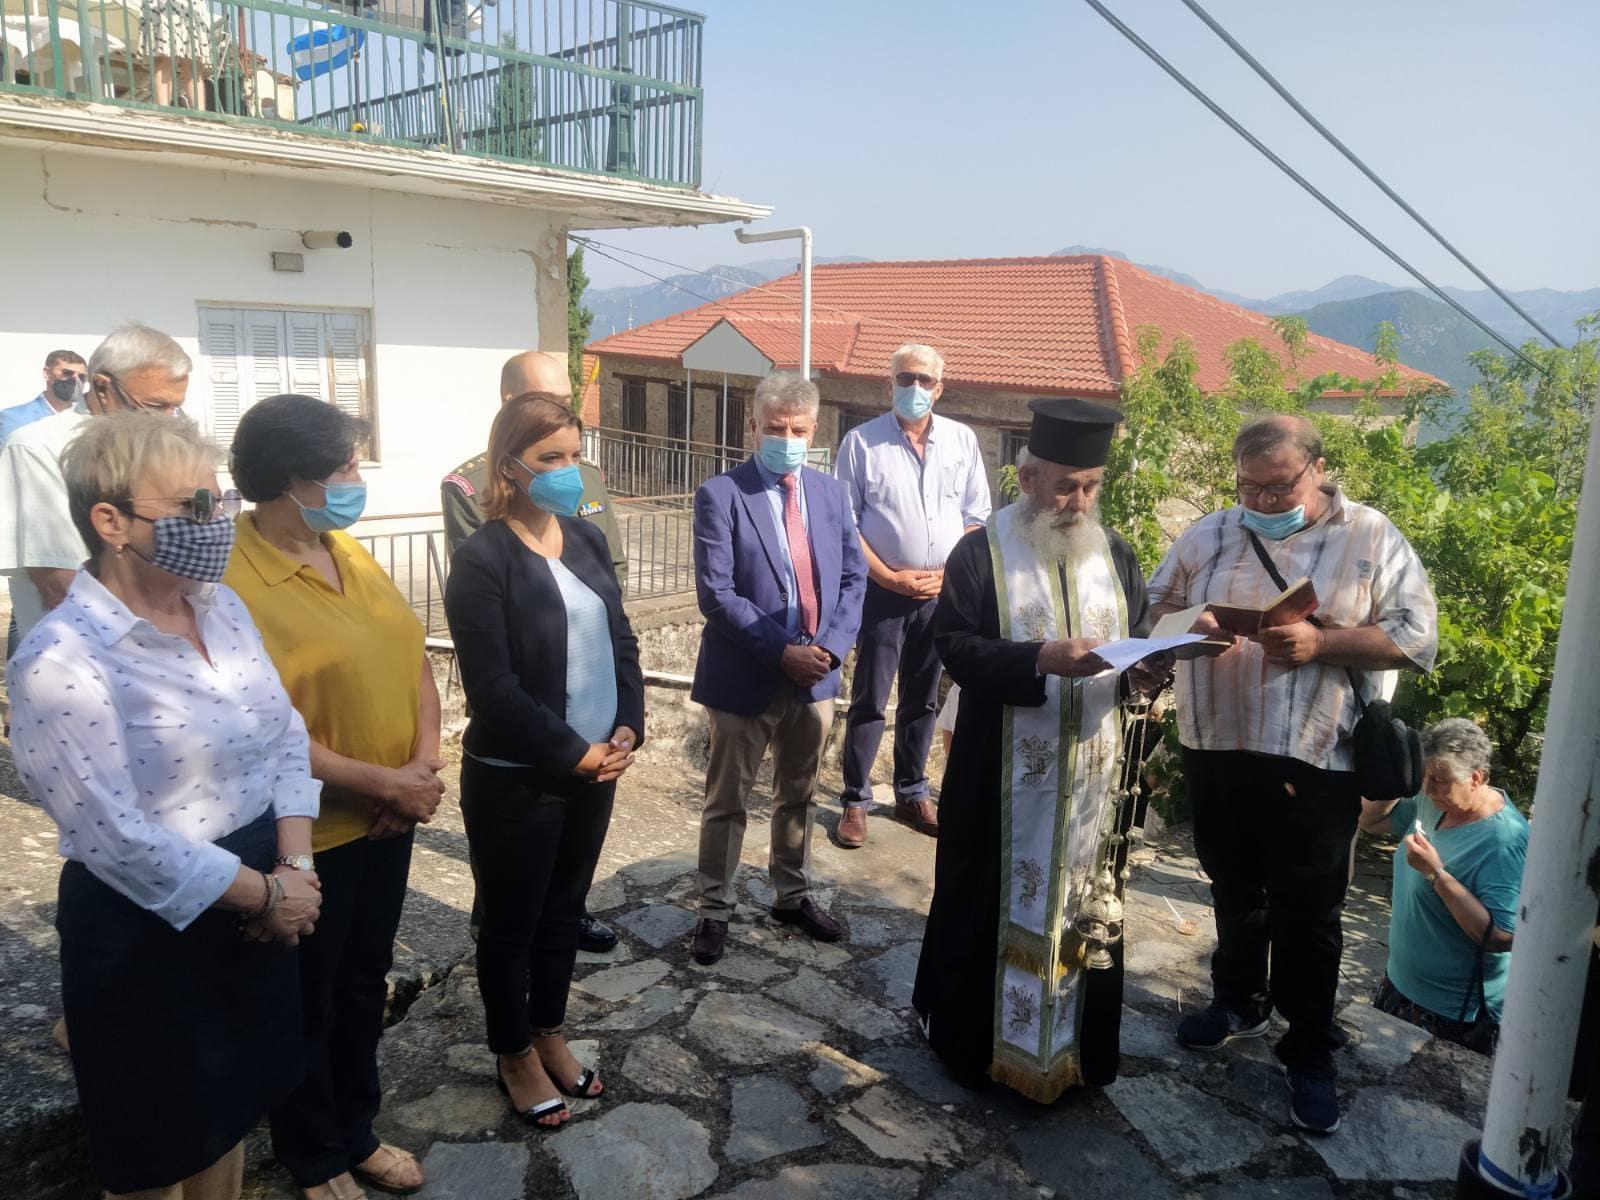 Κόνιτσα: Εκδηλώσεις μνήμης για τους εκτελεσθέντες κατοίκους του Αηδονοχωρίου